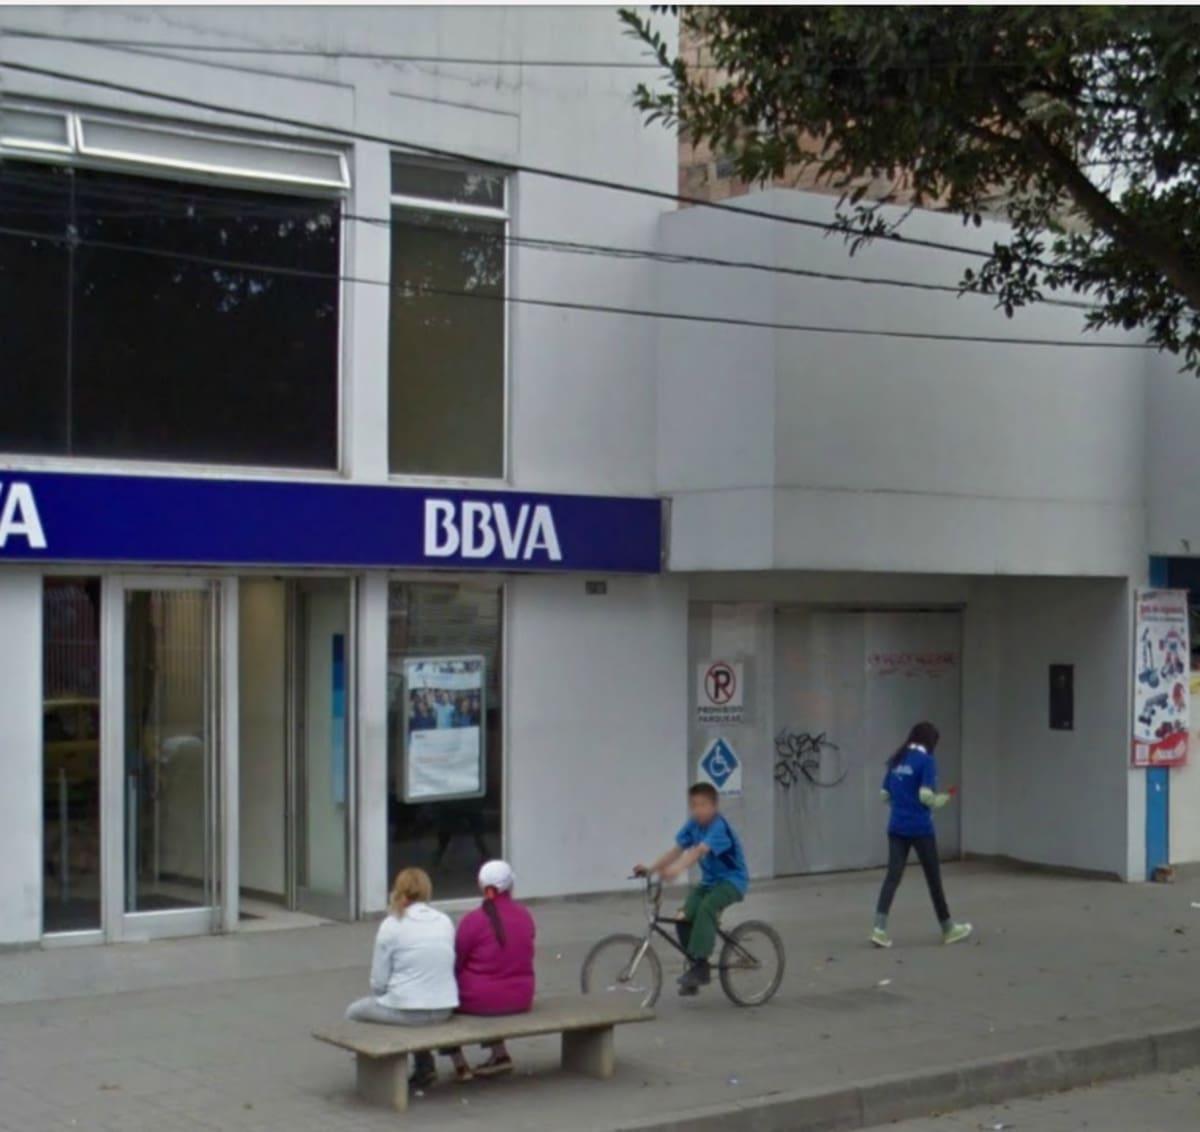 Banco bbva ciudad kennedy bancos ciudad kennedy for Bbva oficina central